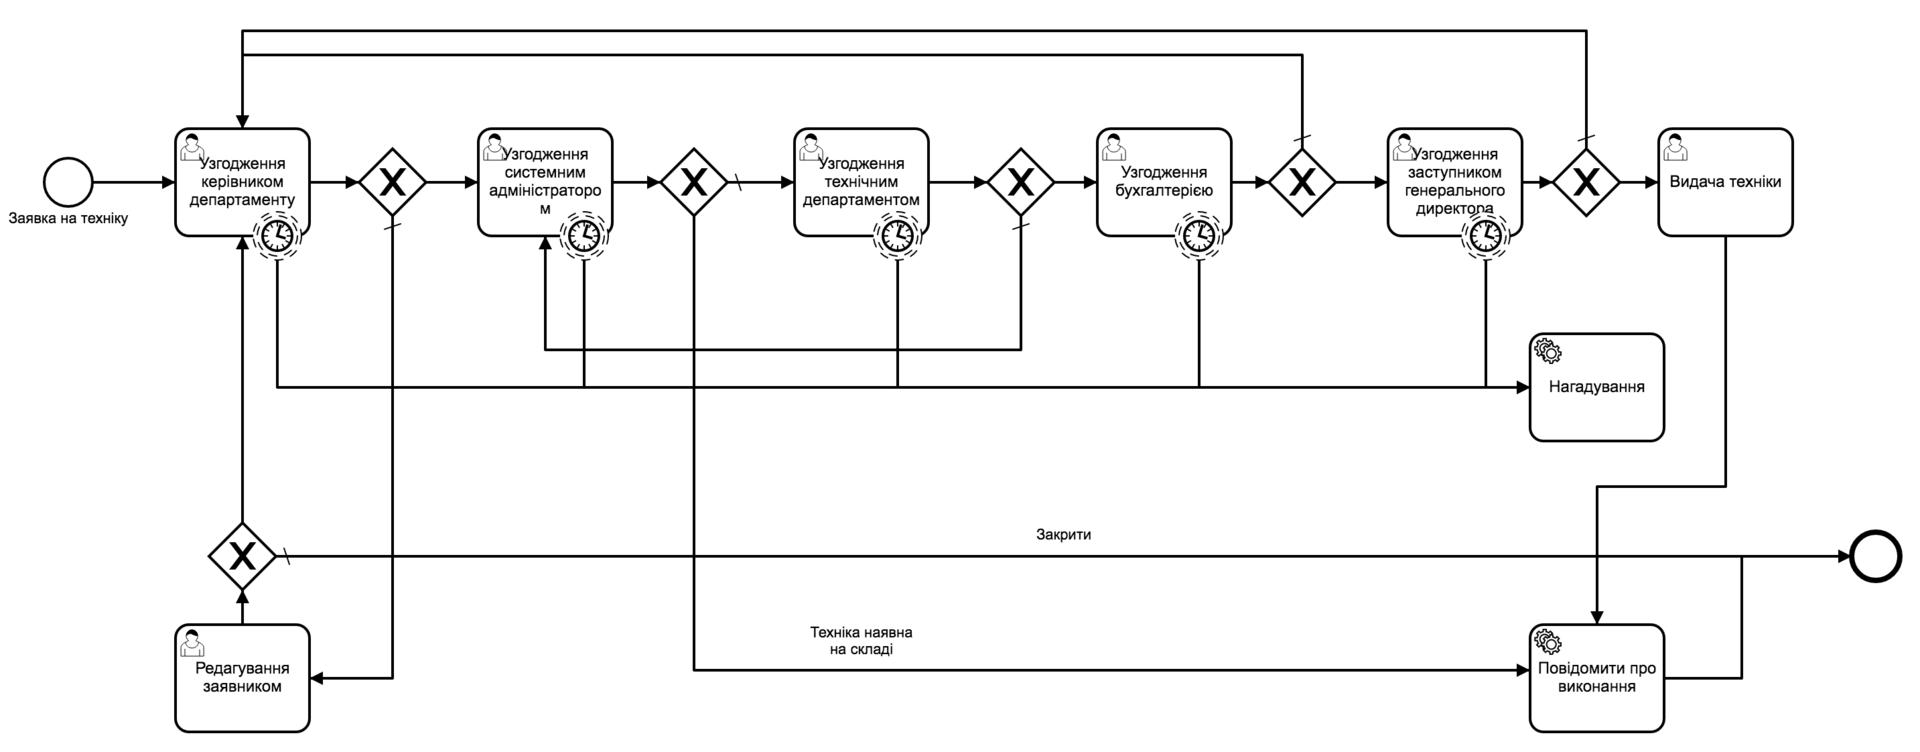 Ionic 2 vs React Native: сравнение фреймворков для создания корпоративных мобильных приложений - 7